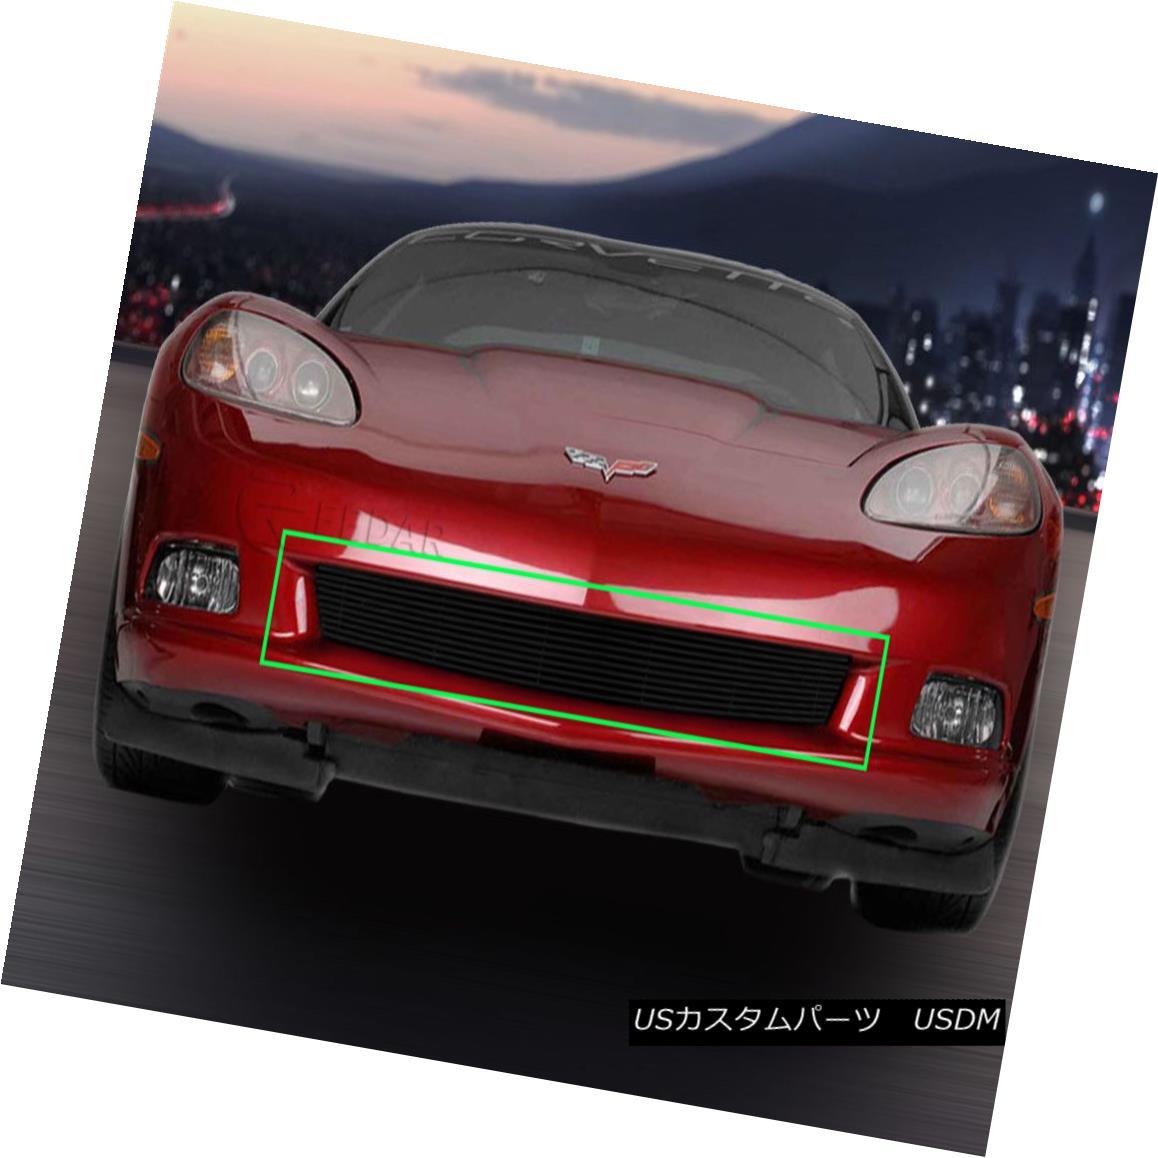 グリル 2006-2010 Chevy Corvette C6 Black Billet Grille Grill Insert  787B Fedar 2006-2010シボレーコルベットC6ブラックビレットグリルグリルインサート787B Fedar